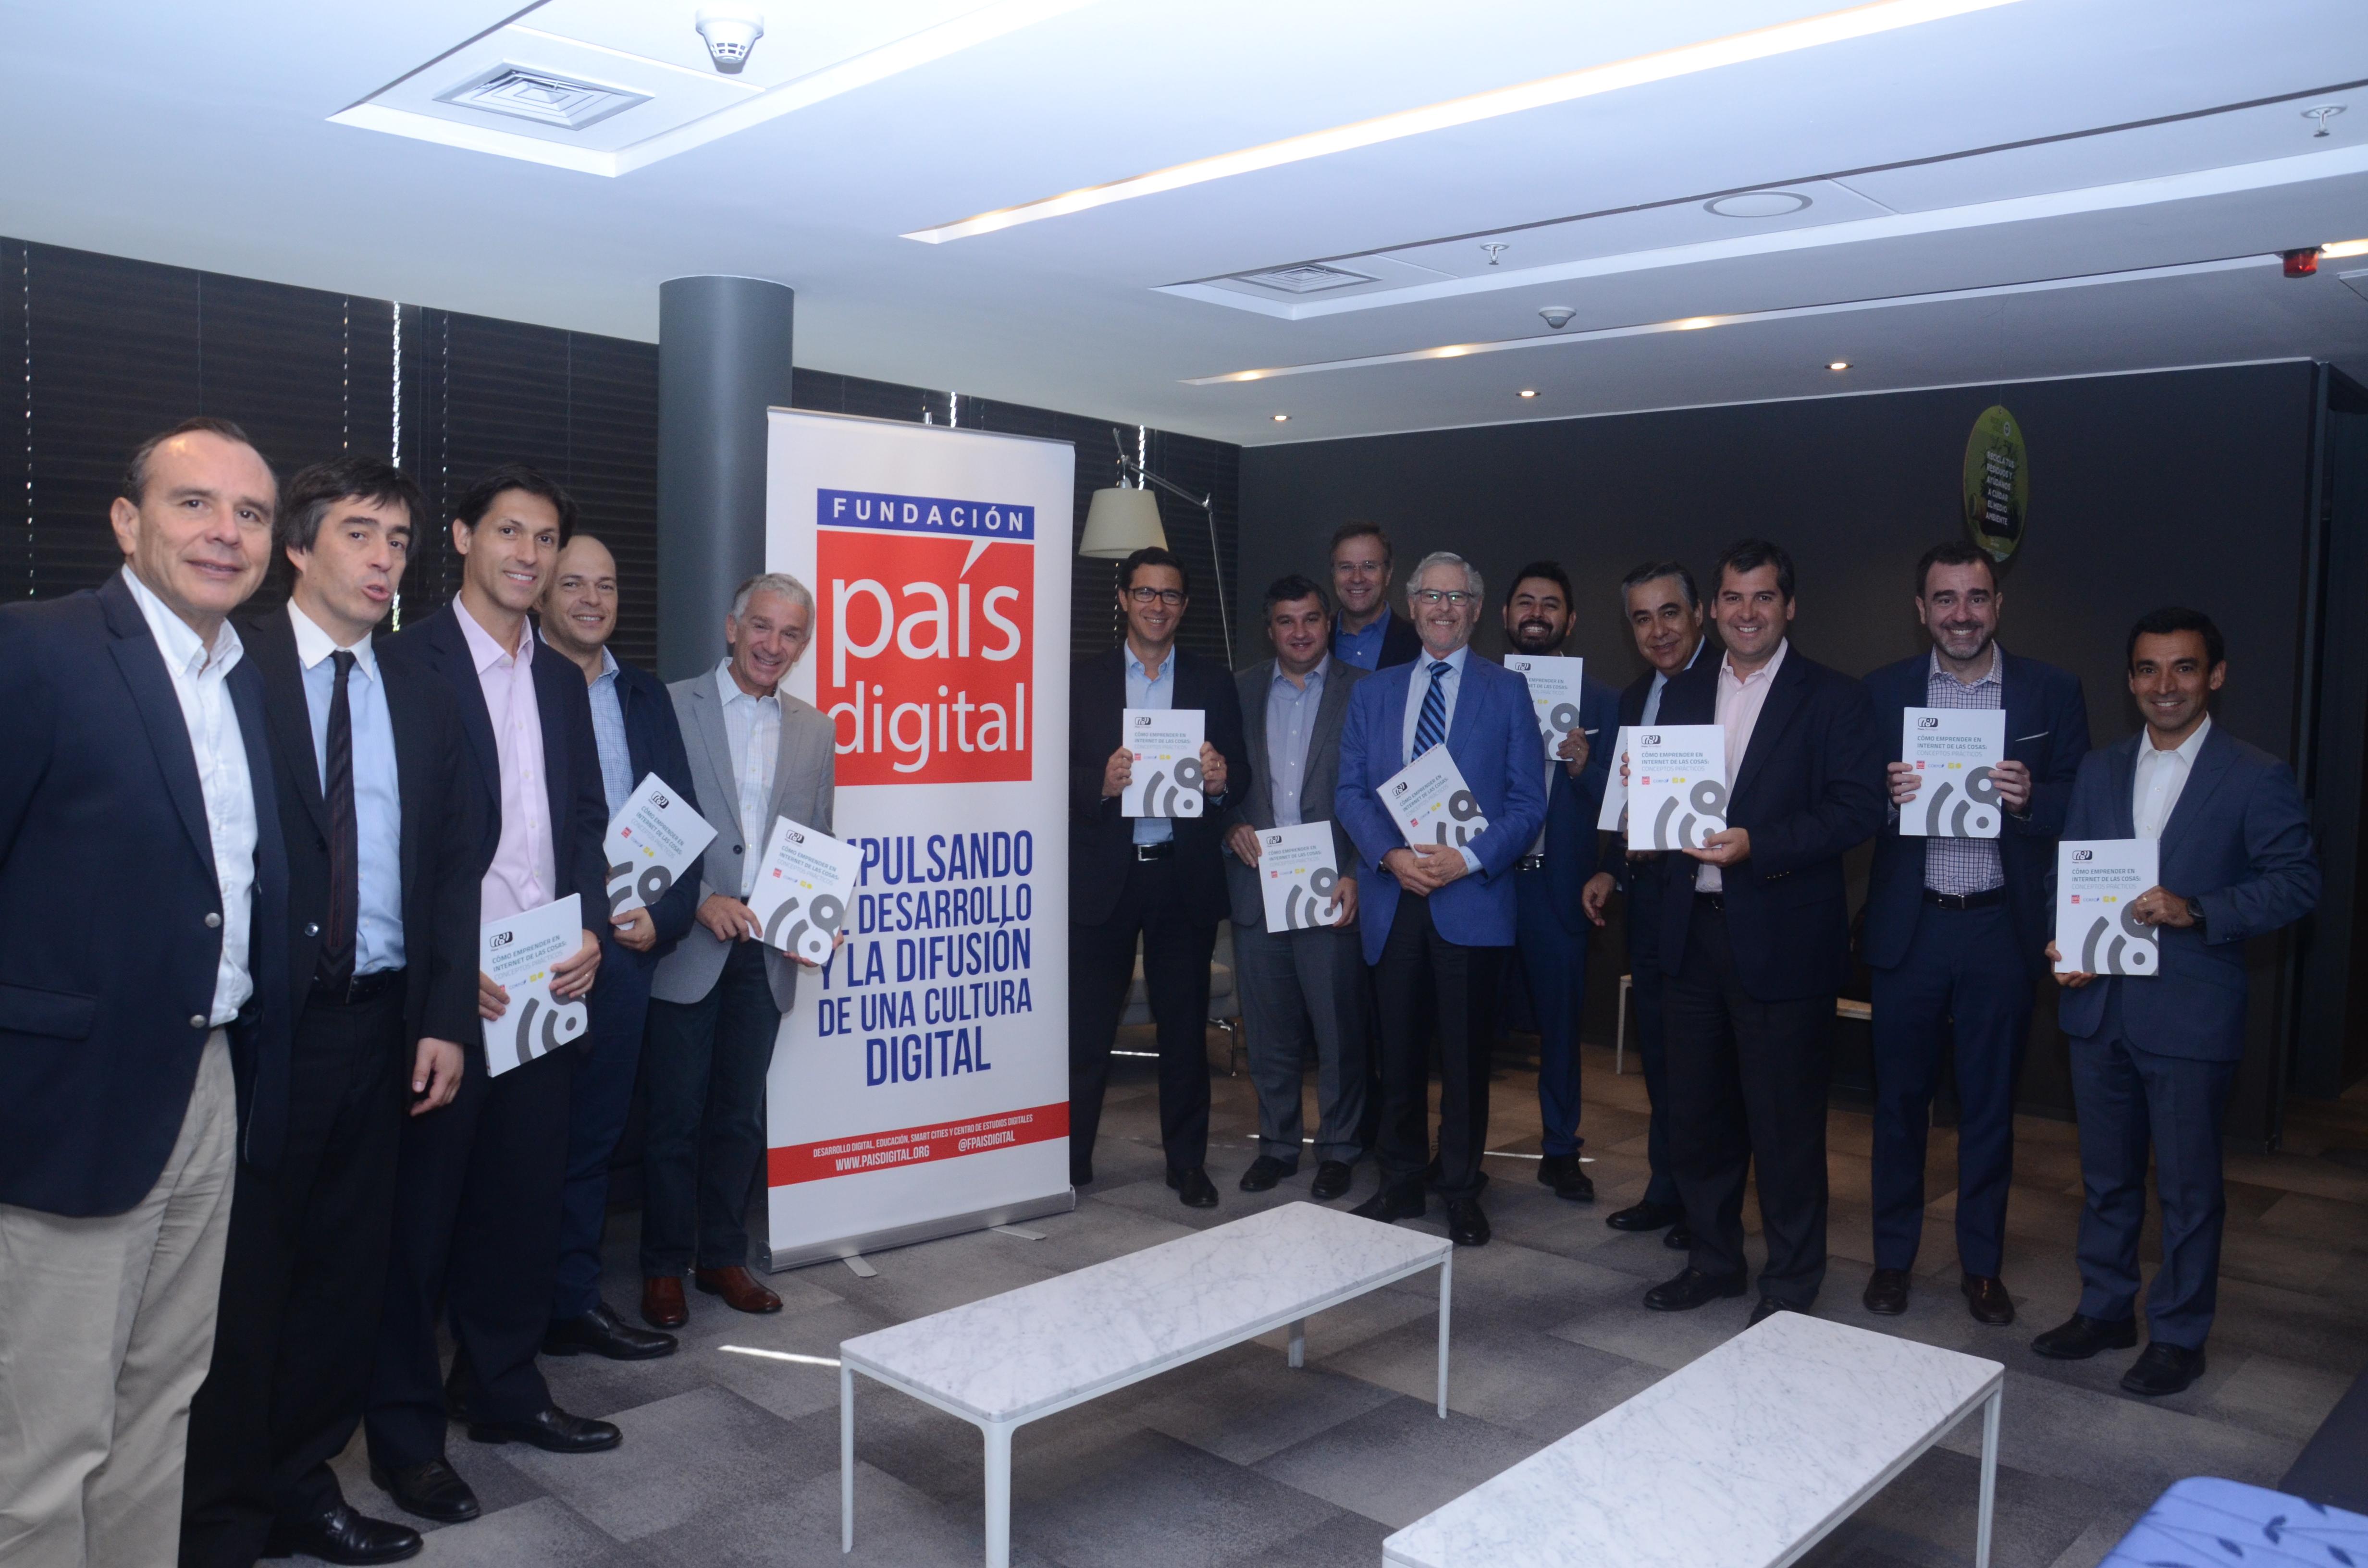 Fundación País Digital, con el apoyo de Corfo, lanzan libro con recomendaciones para aplicar Internet de las Cosas (IoT) en Pymes